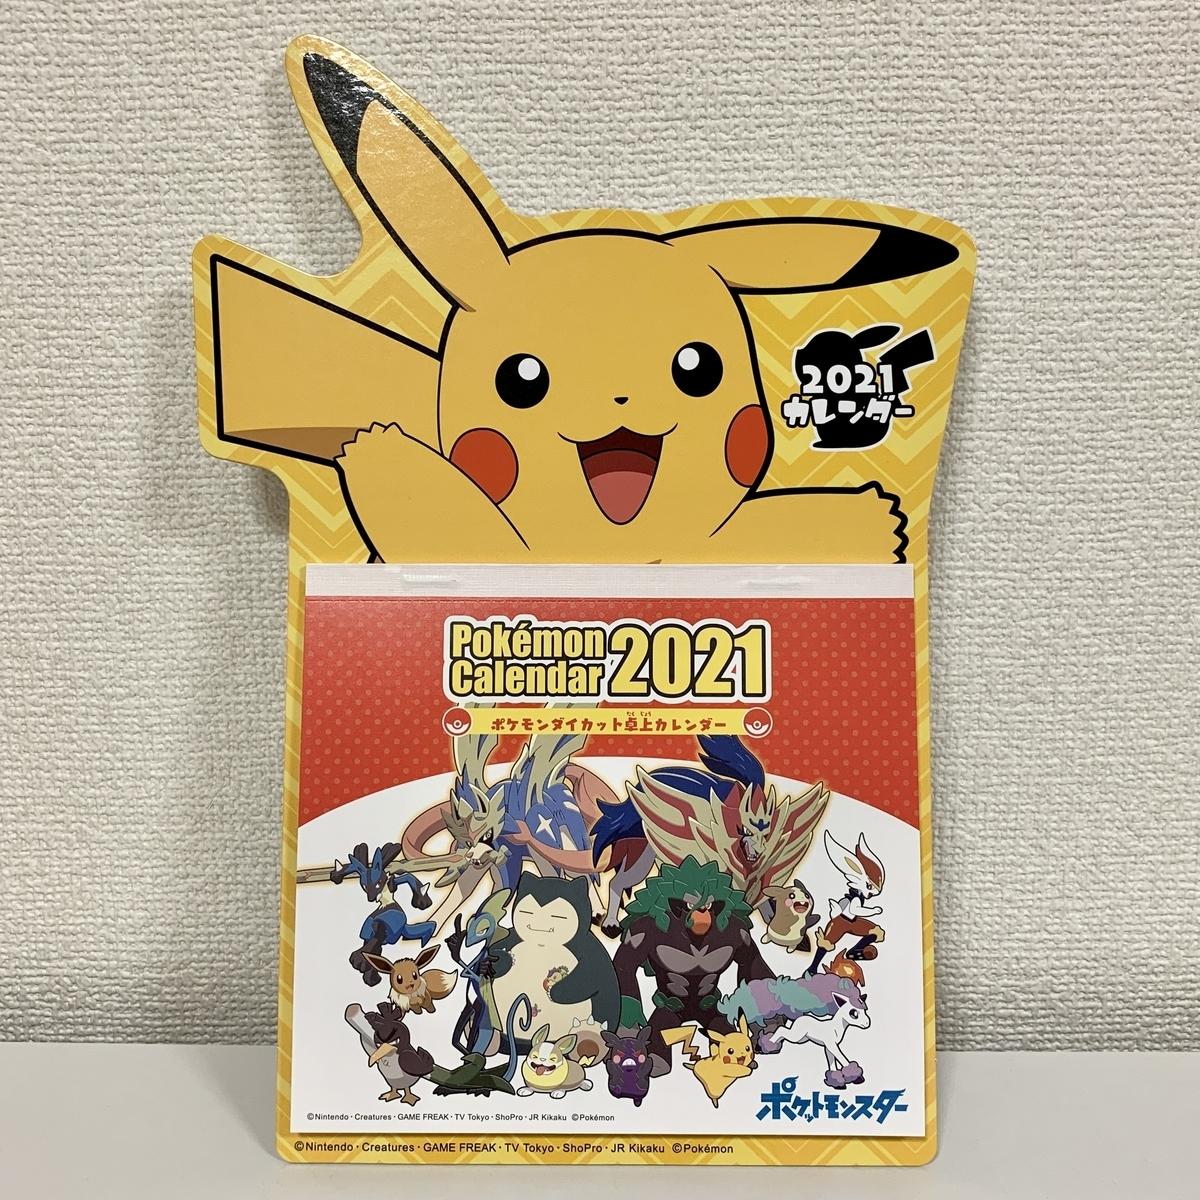 f:id:pikachu_pcn:20201113213930j:plain